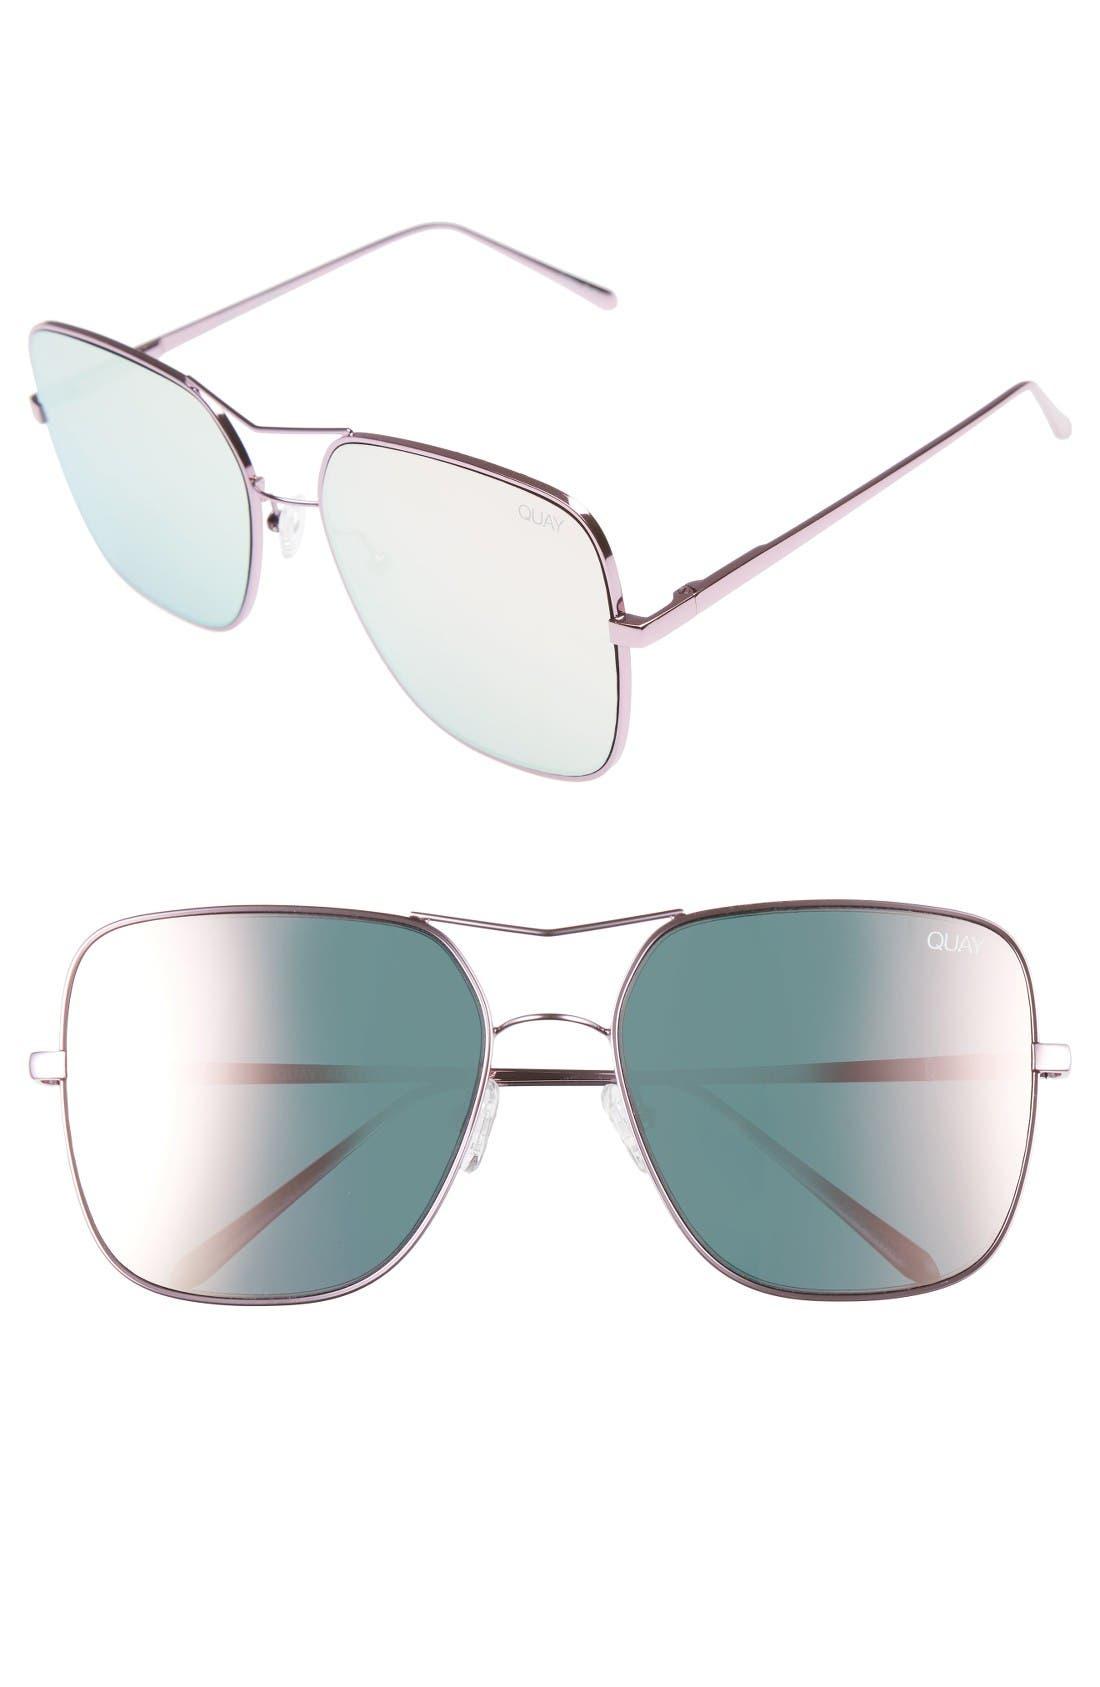 Main Image - Quay Australia Stop & Stare 58mm Square Sunglasses